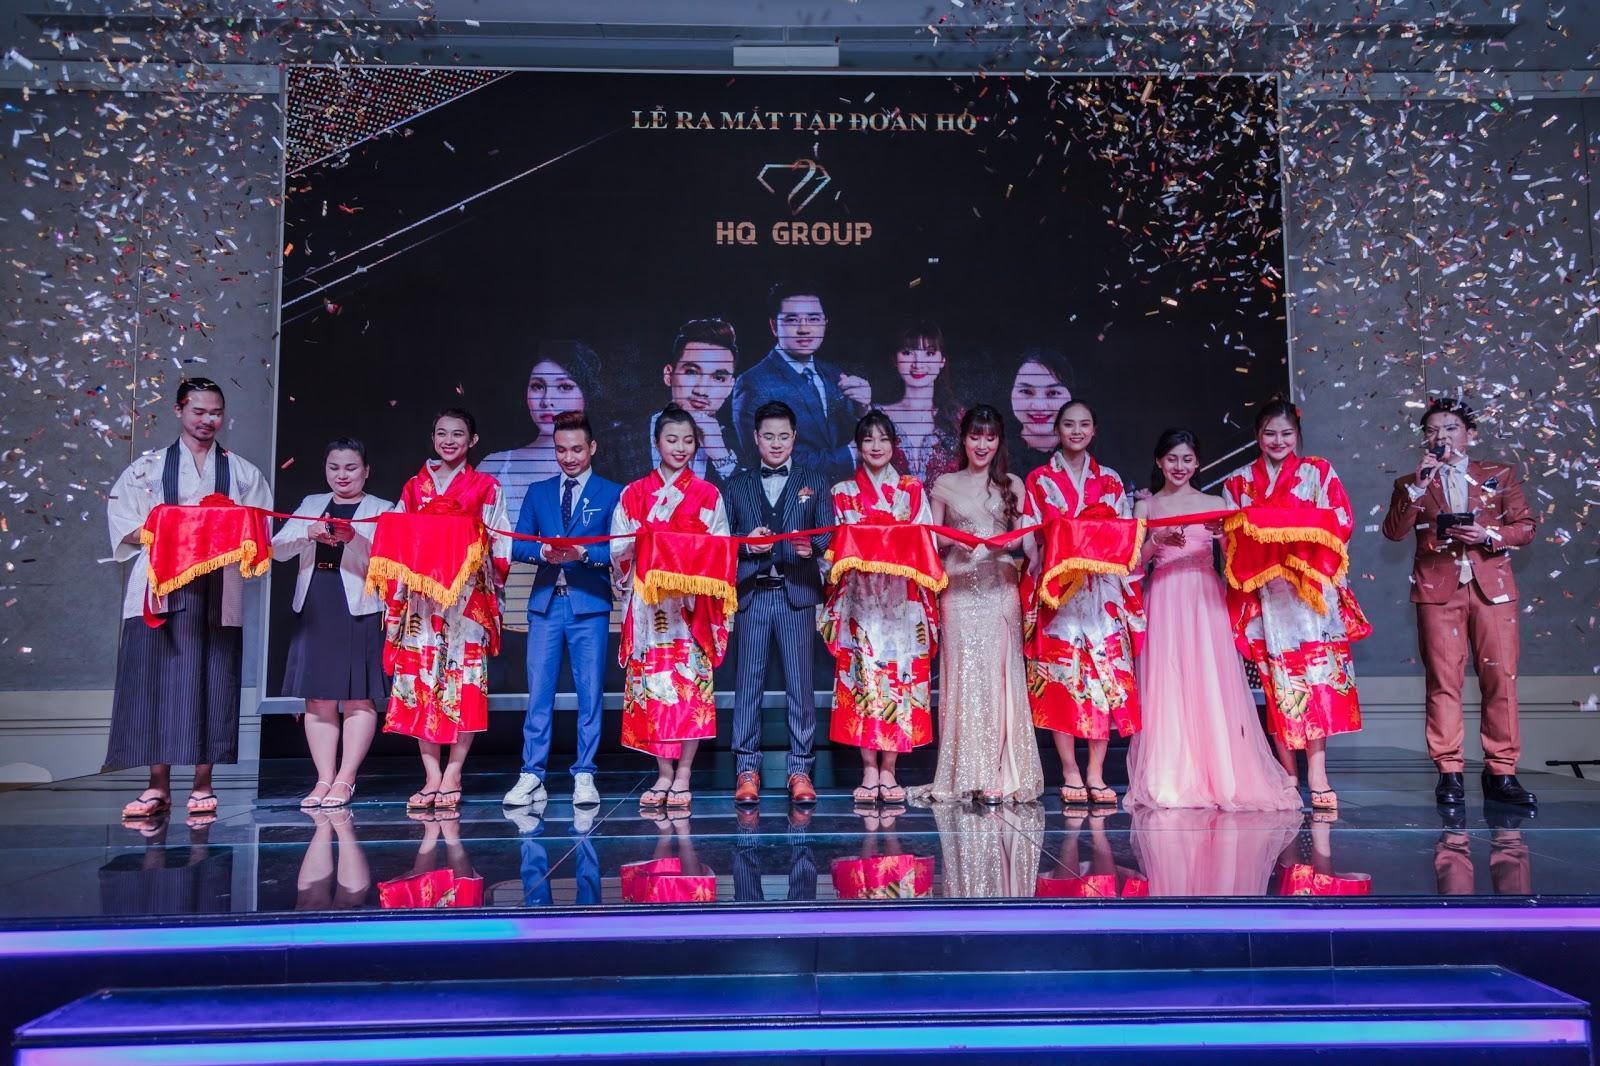 Chủ tịch kiêm Tổng giám đốc tập đoàn HQ Group Trần Hùng - diễn giả tài năng tại Hội nghị sức khỏe sắc đẹp toàn diện và xu hướng ngành làm đẹp 2021 - Ảnh 3